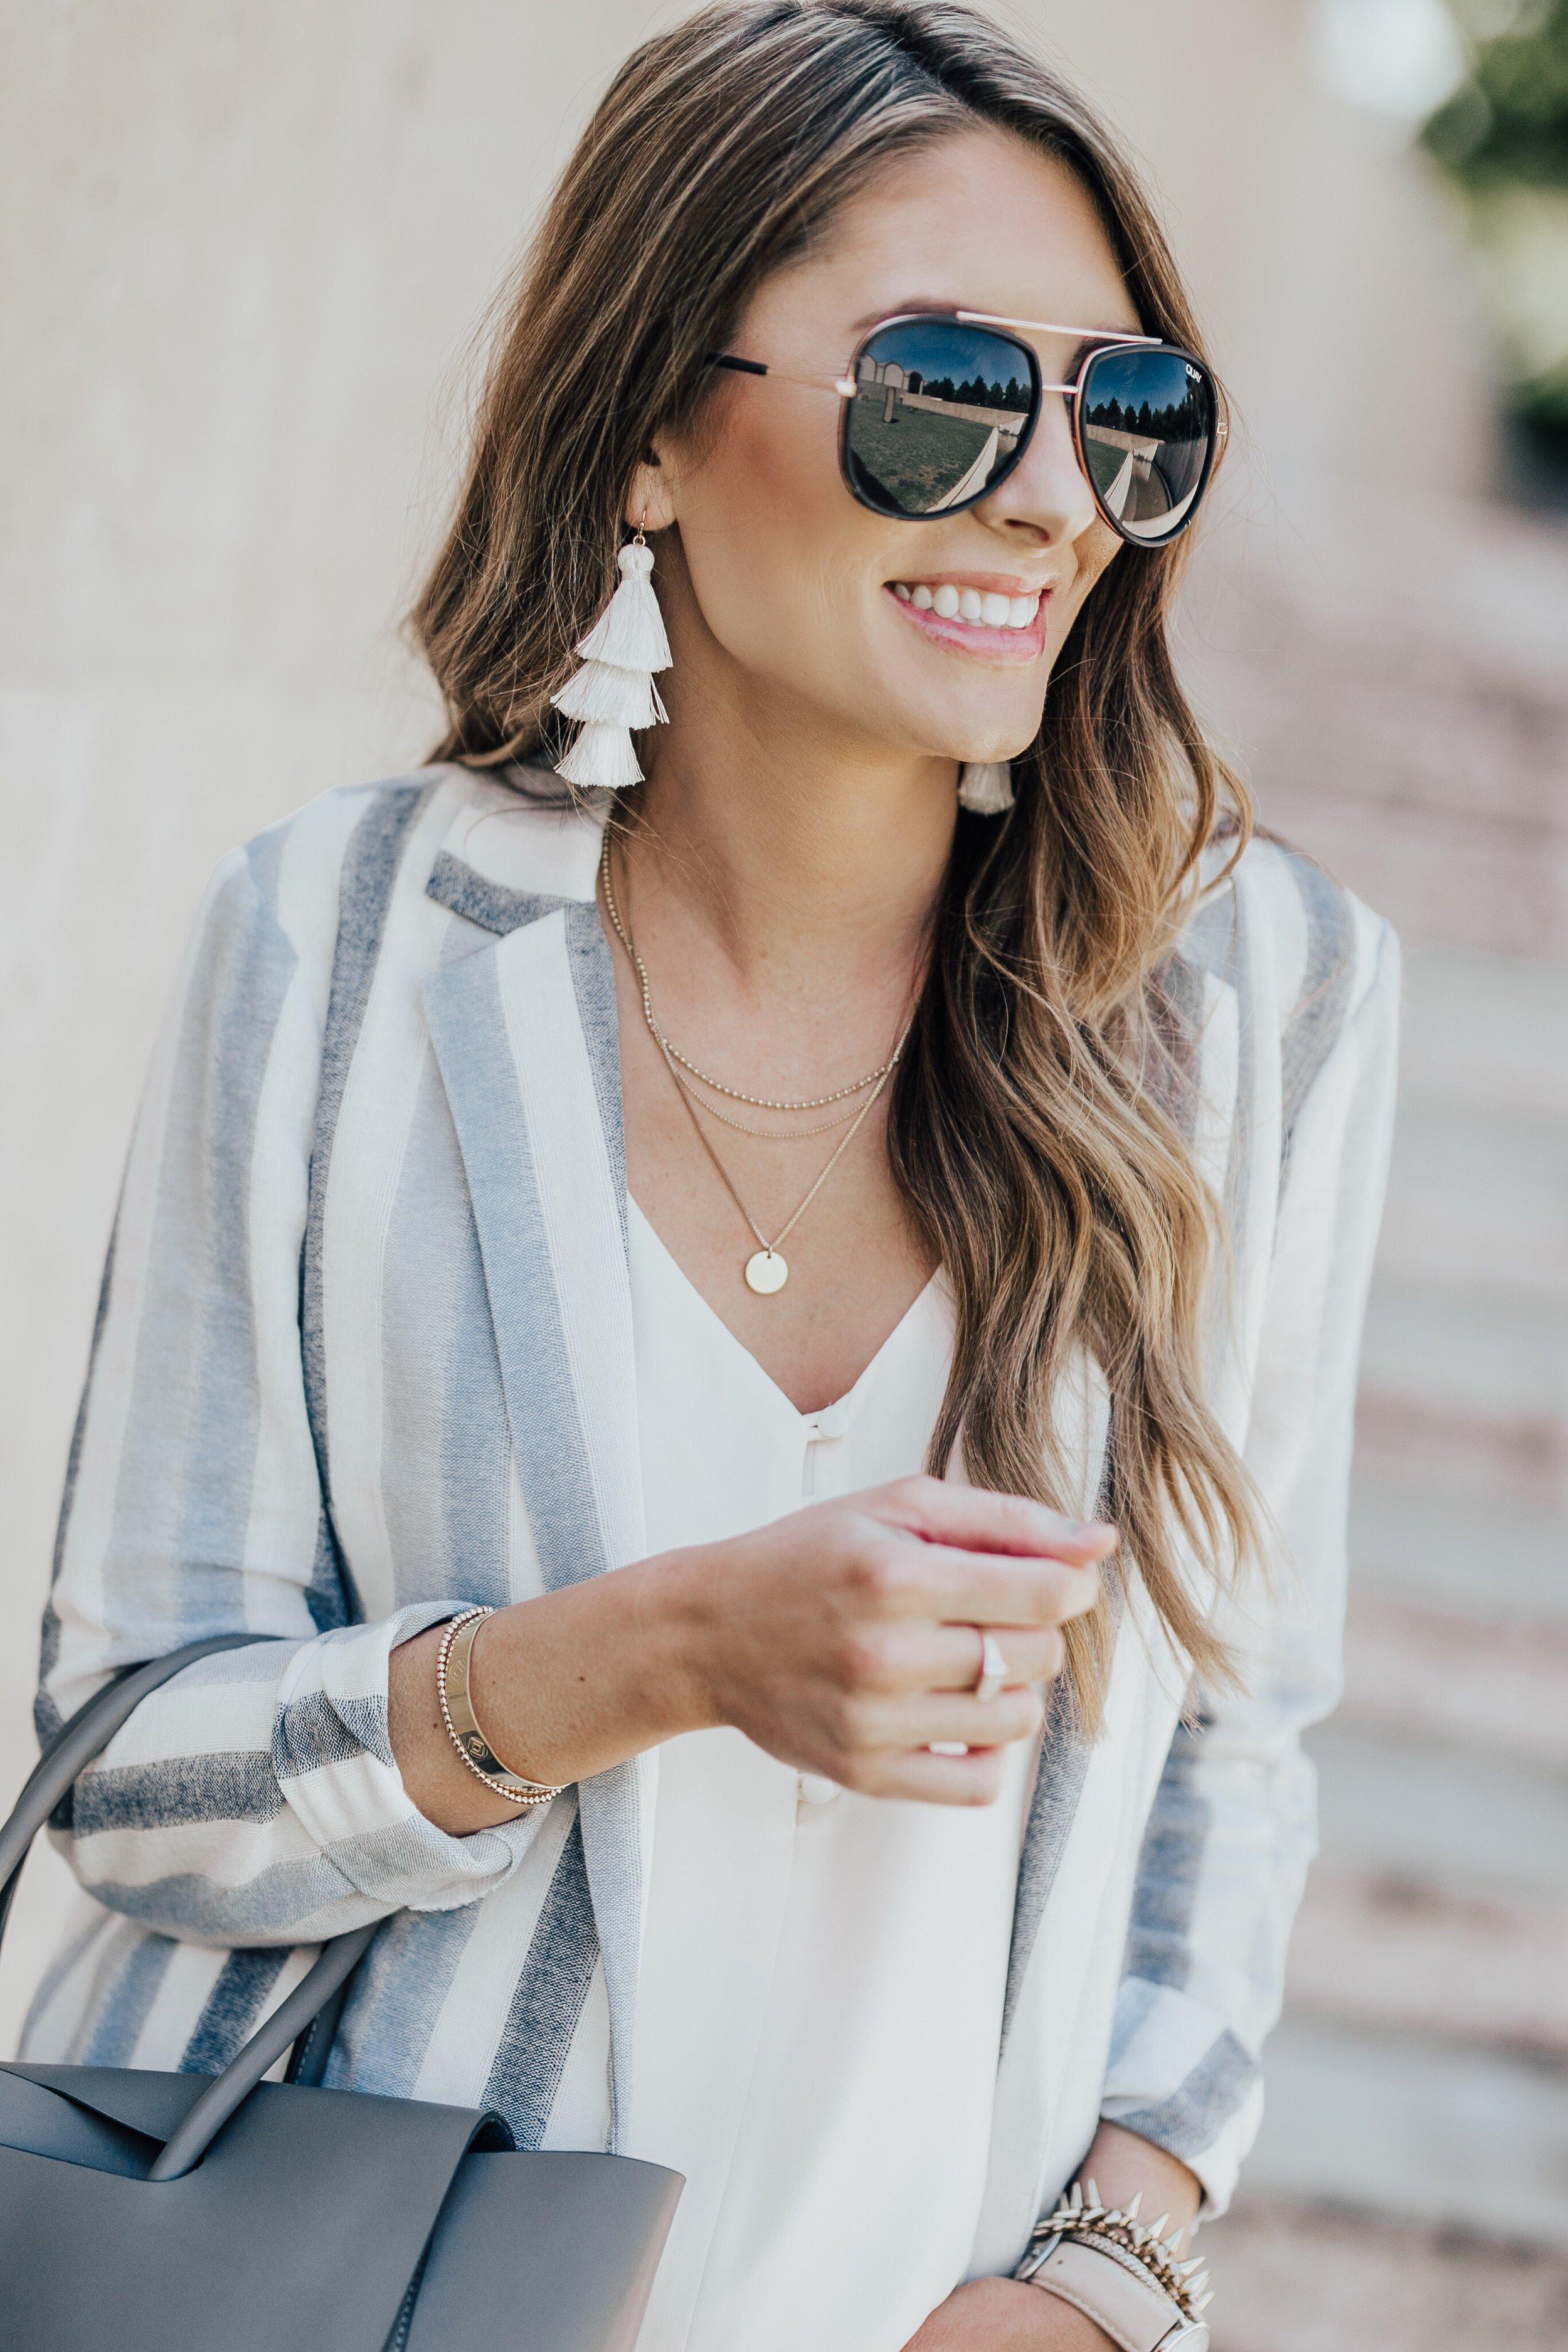 Striped Blazer + Accessories